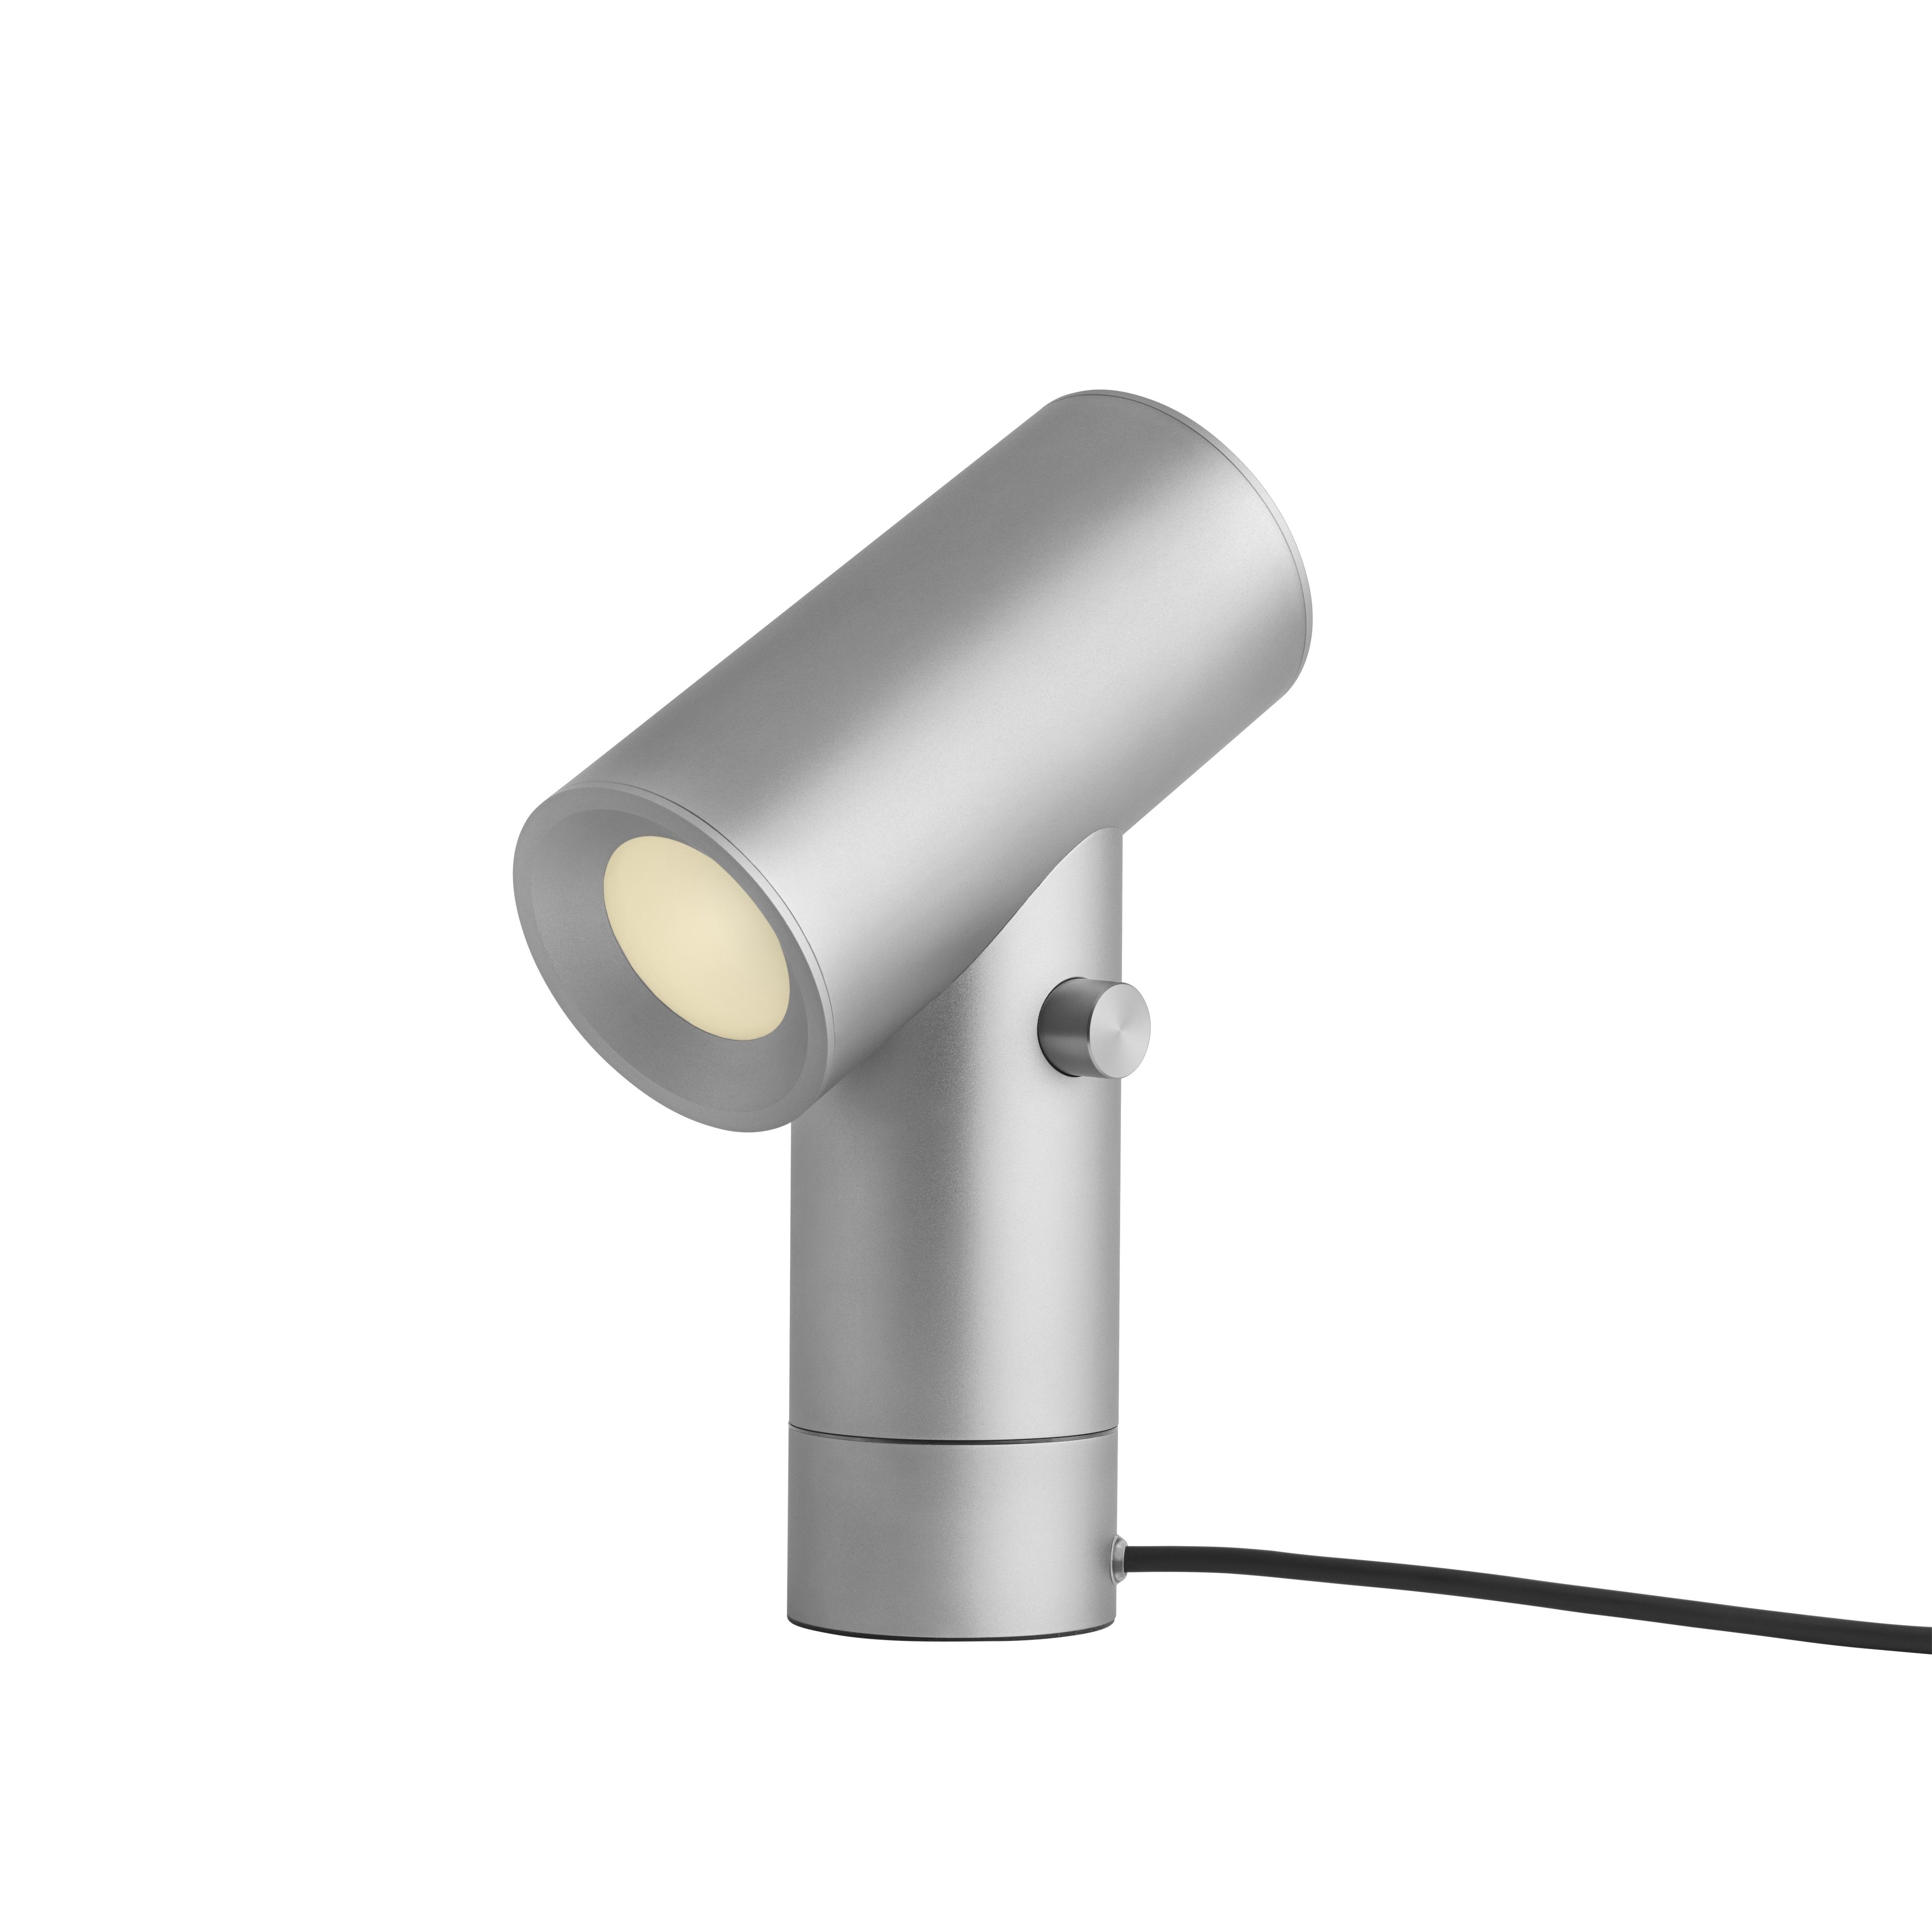 Beam bordslampa aluminium